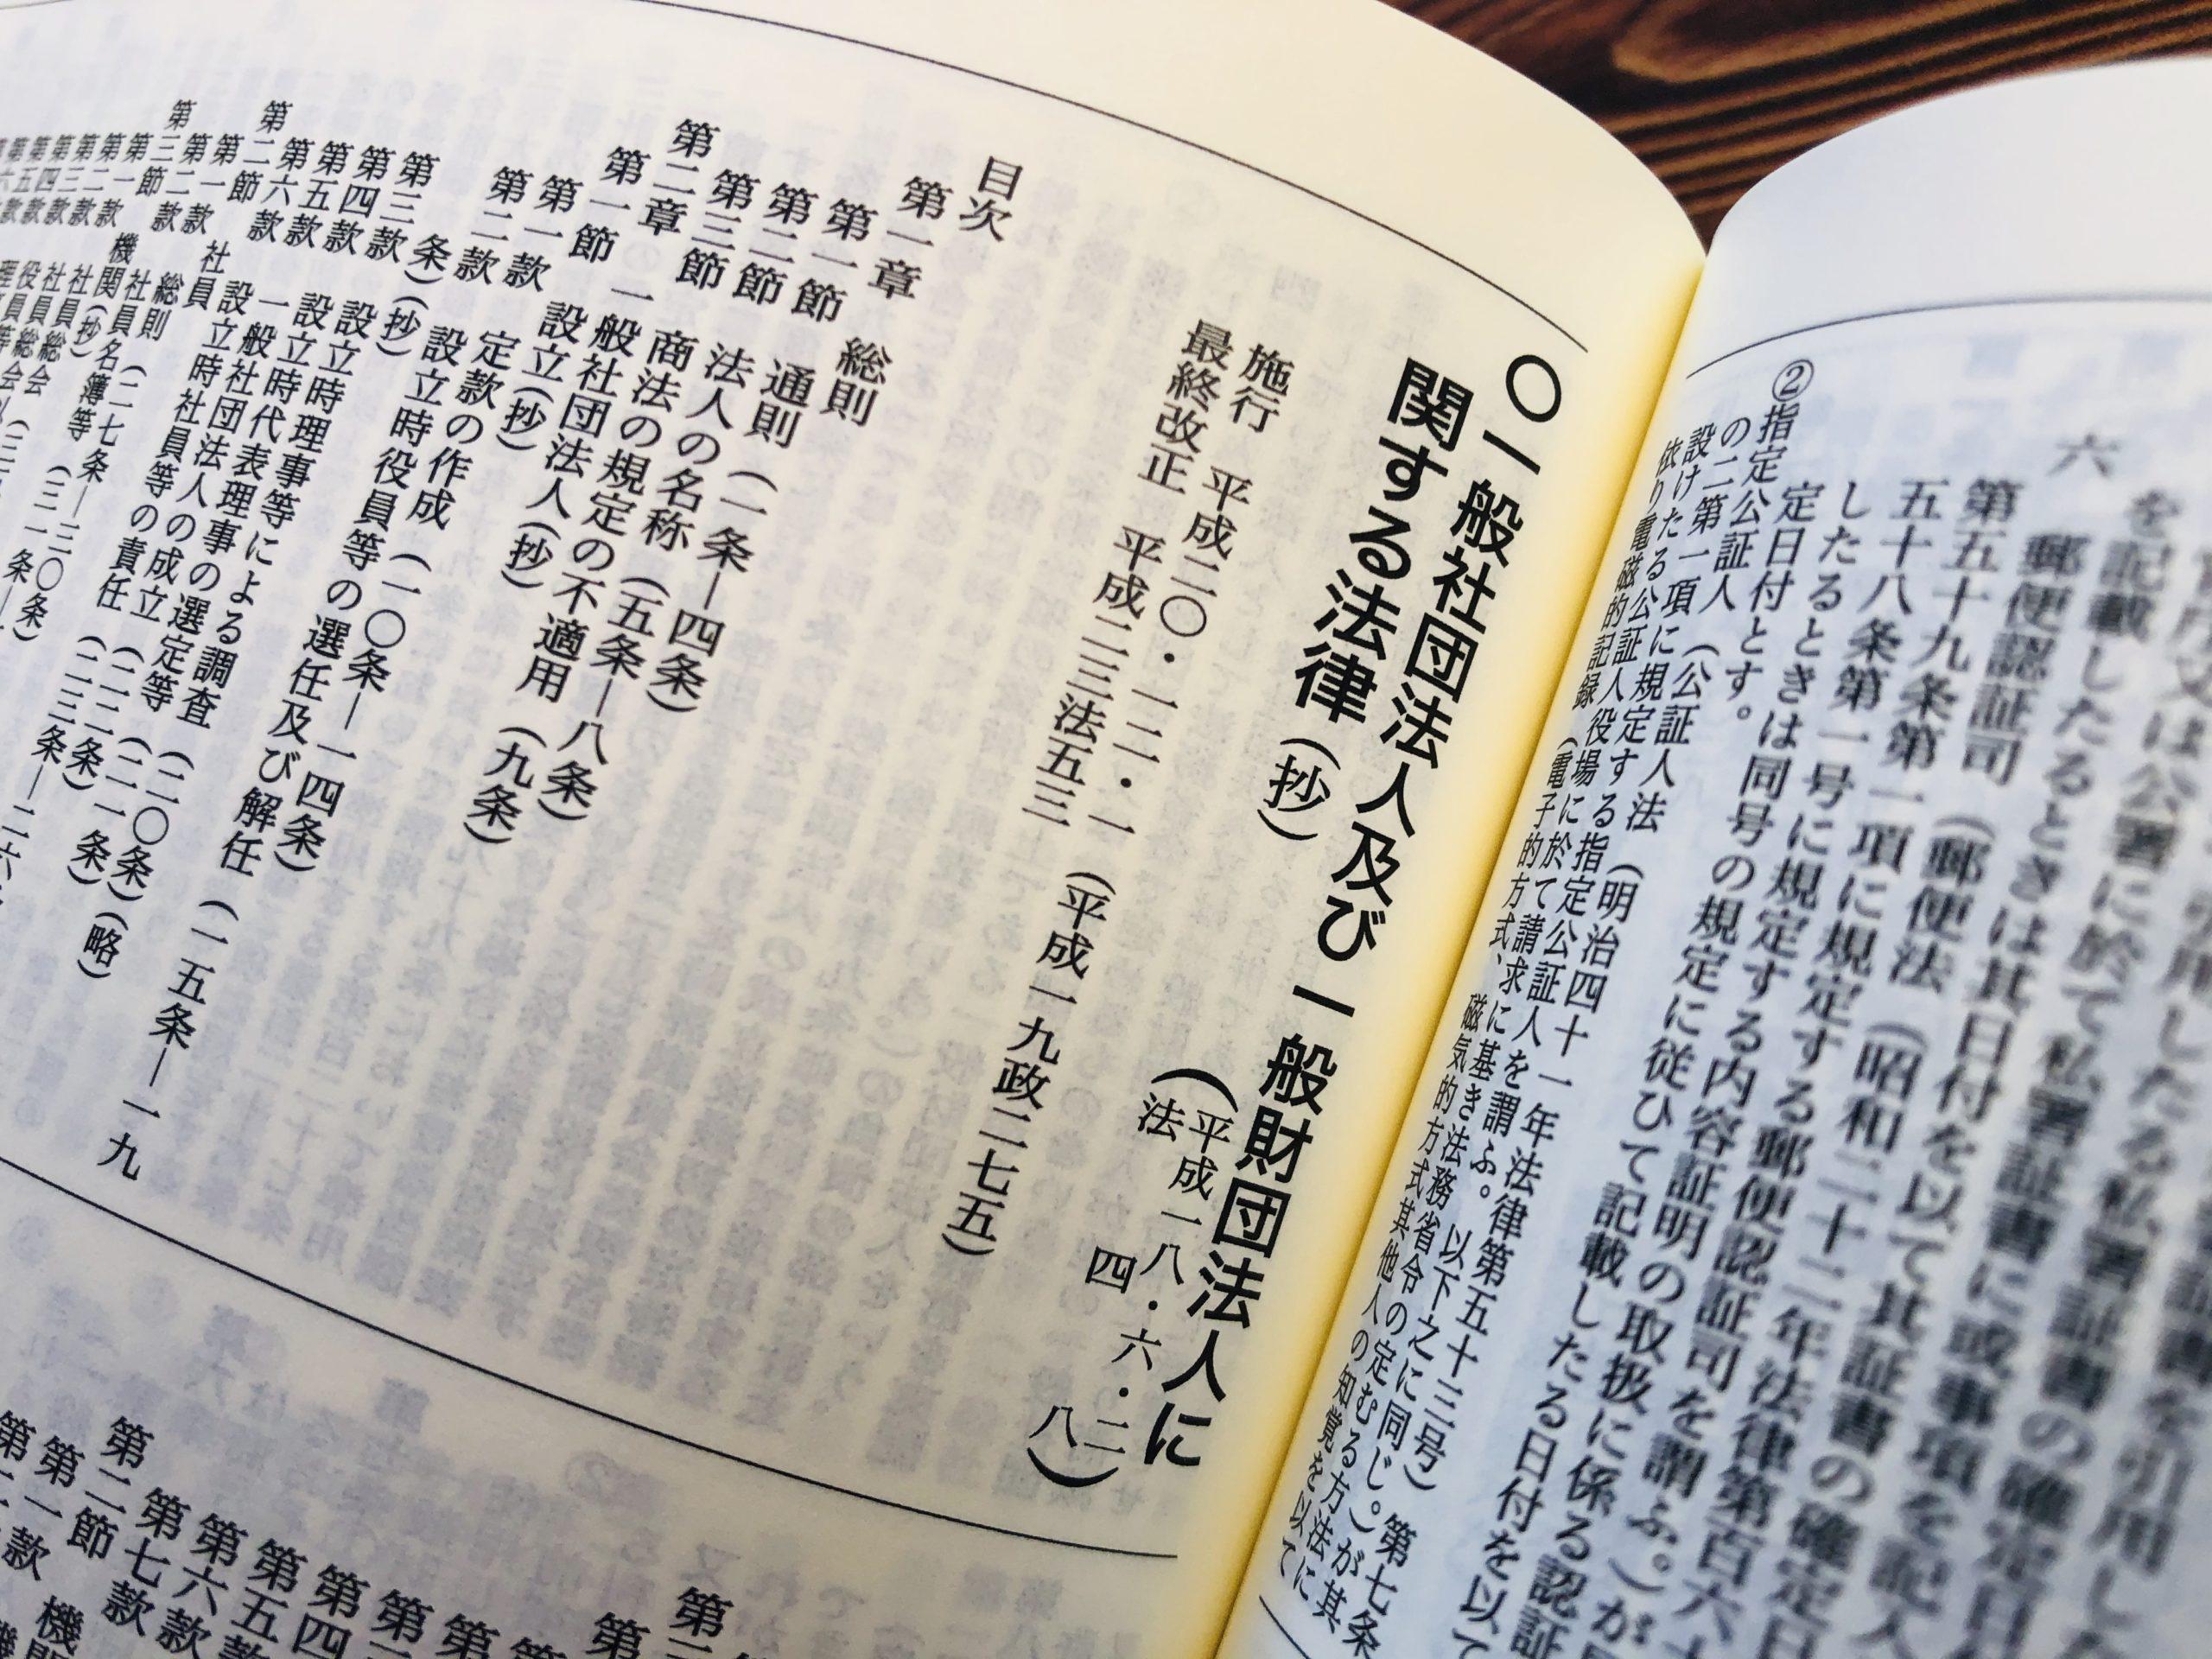 石川県で活躍する起業支援・会社設立専門の行政書士法人スマイルが、起業家の方に親切・丁寧にご案内いたします!